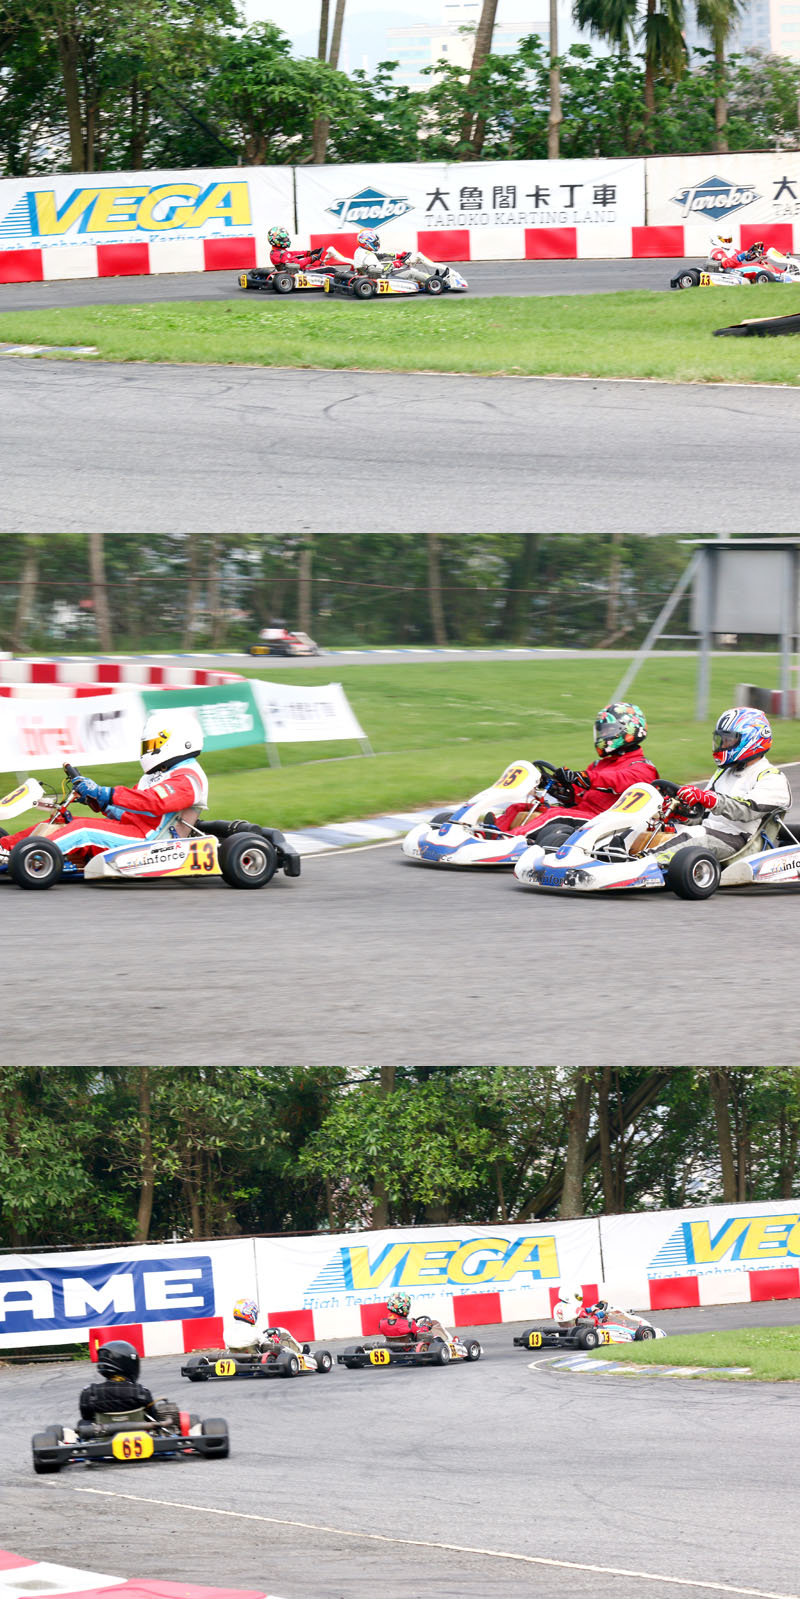 在比賽過程中劉銓〈57號車〉一度在一至三號彎超過了鍾承祐〈55號車〉,但至最後兩圈鍾承祐以其人之道還至其人之身,反超了回來。